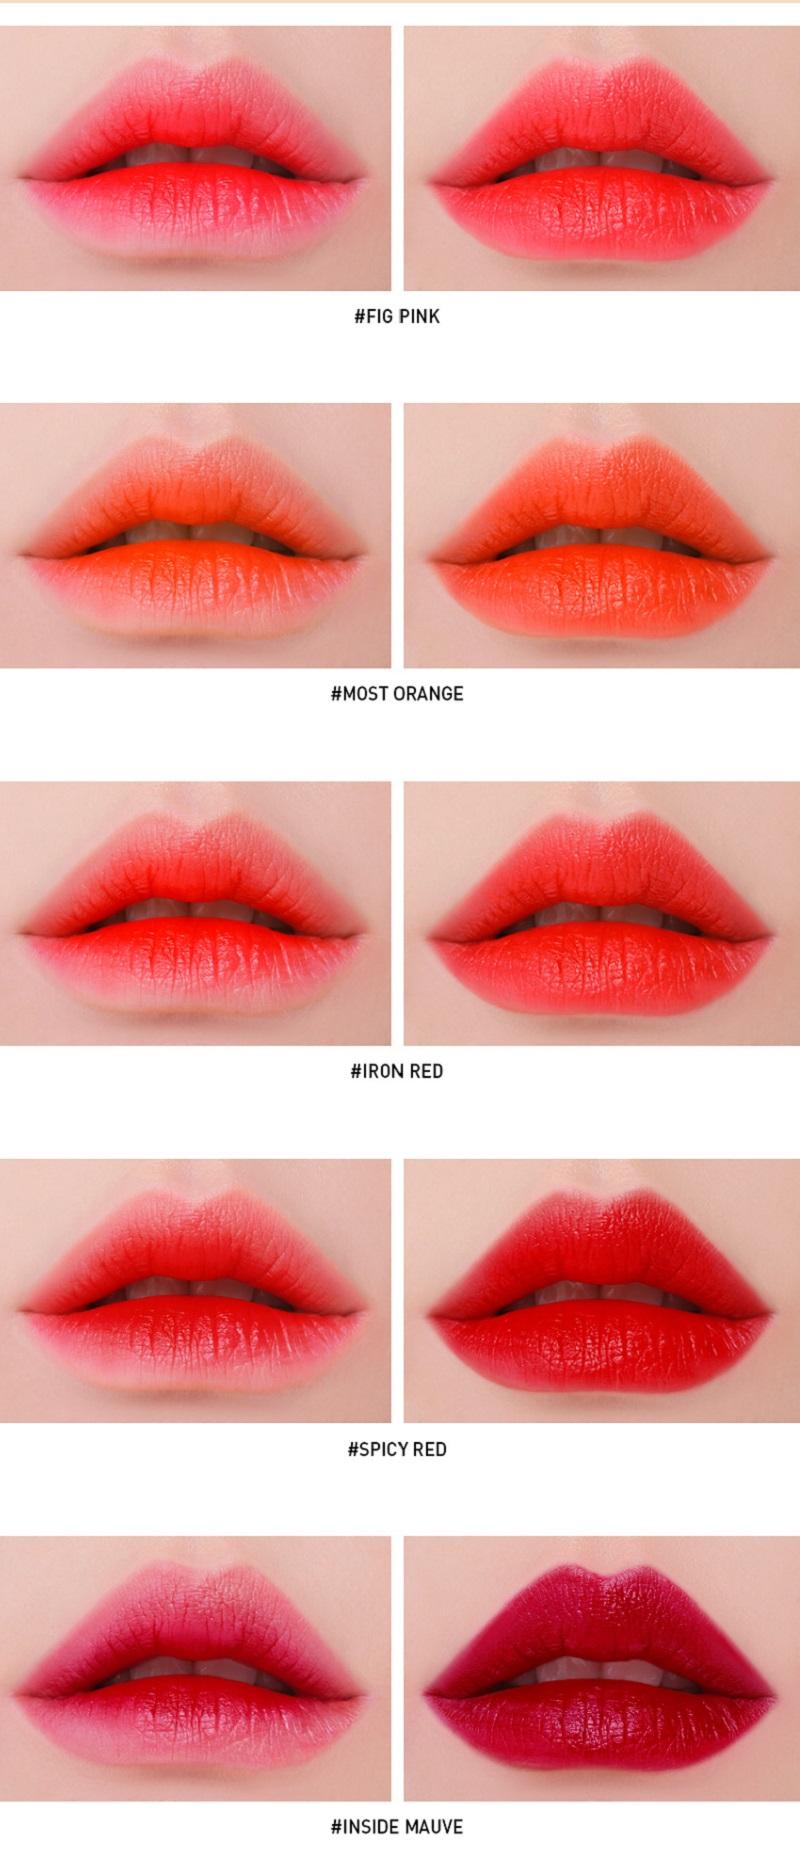 Bộ sưu tập gồm 5 tông màu son dịch chuyển dần từ cam sang đỏ. Với chất son tint này, bạn có thể đánh theo 2 kiểu: chỉ đánh lòng môi nếu muốn có vẻ đẹp tự nhiên và đánh cả môi để tạo hiệu ứng đôi môi đầy đặn, căng mọng.